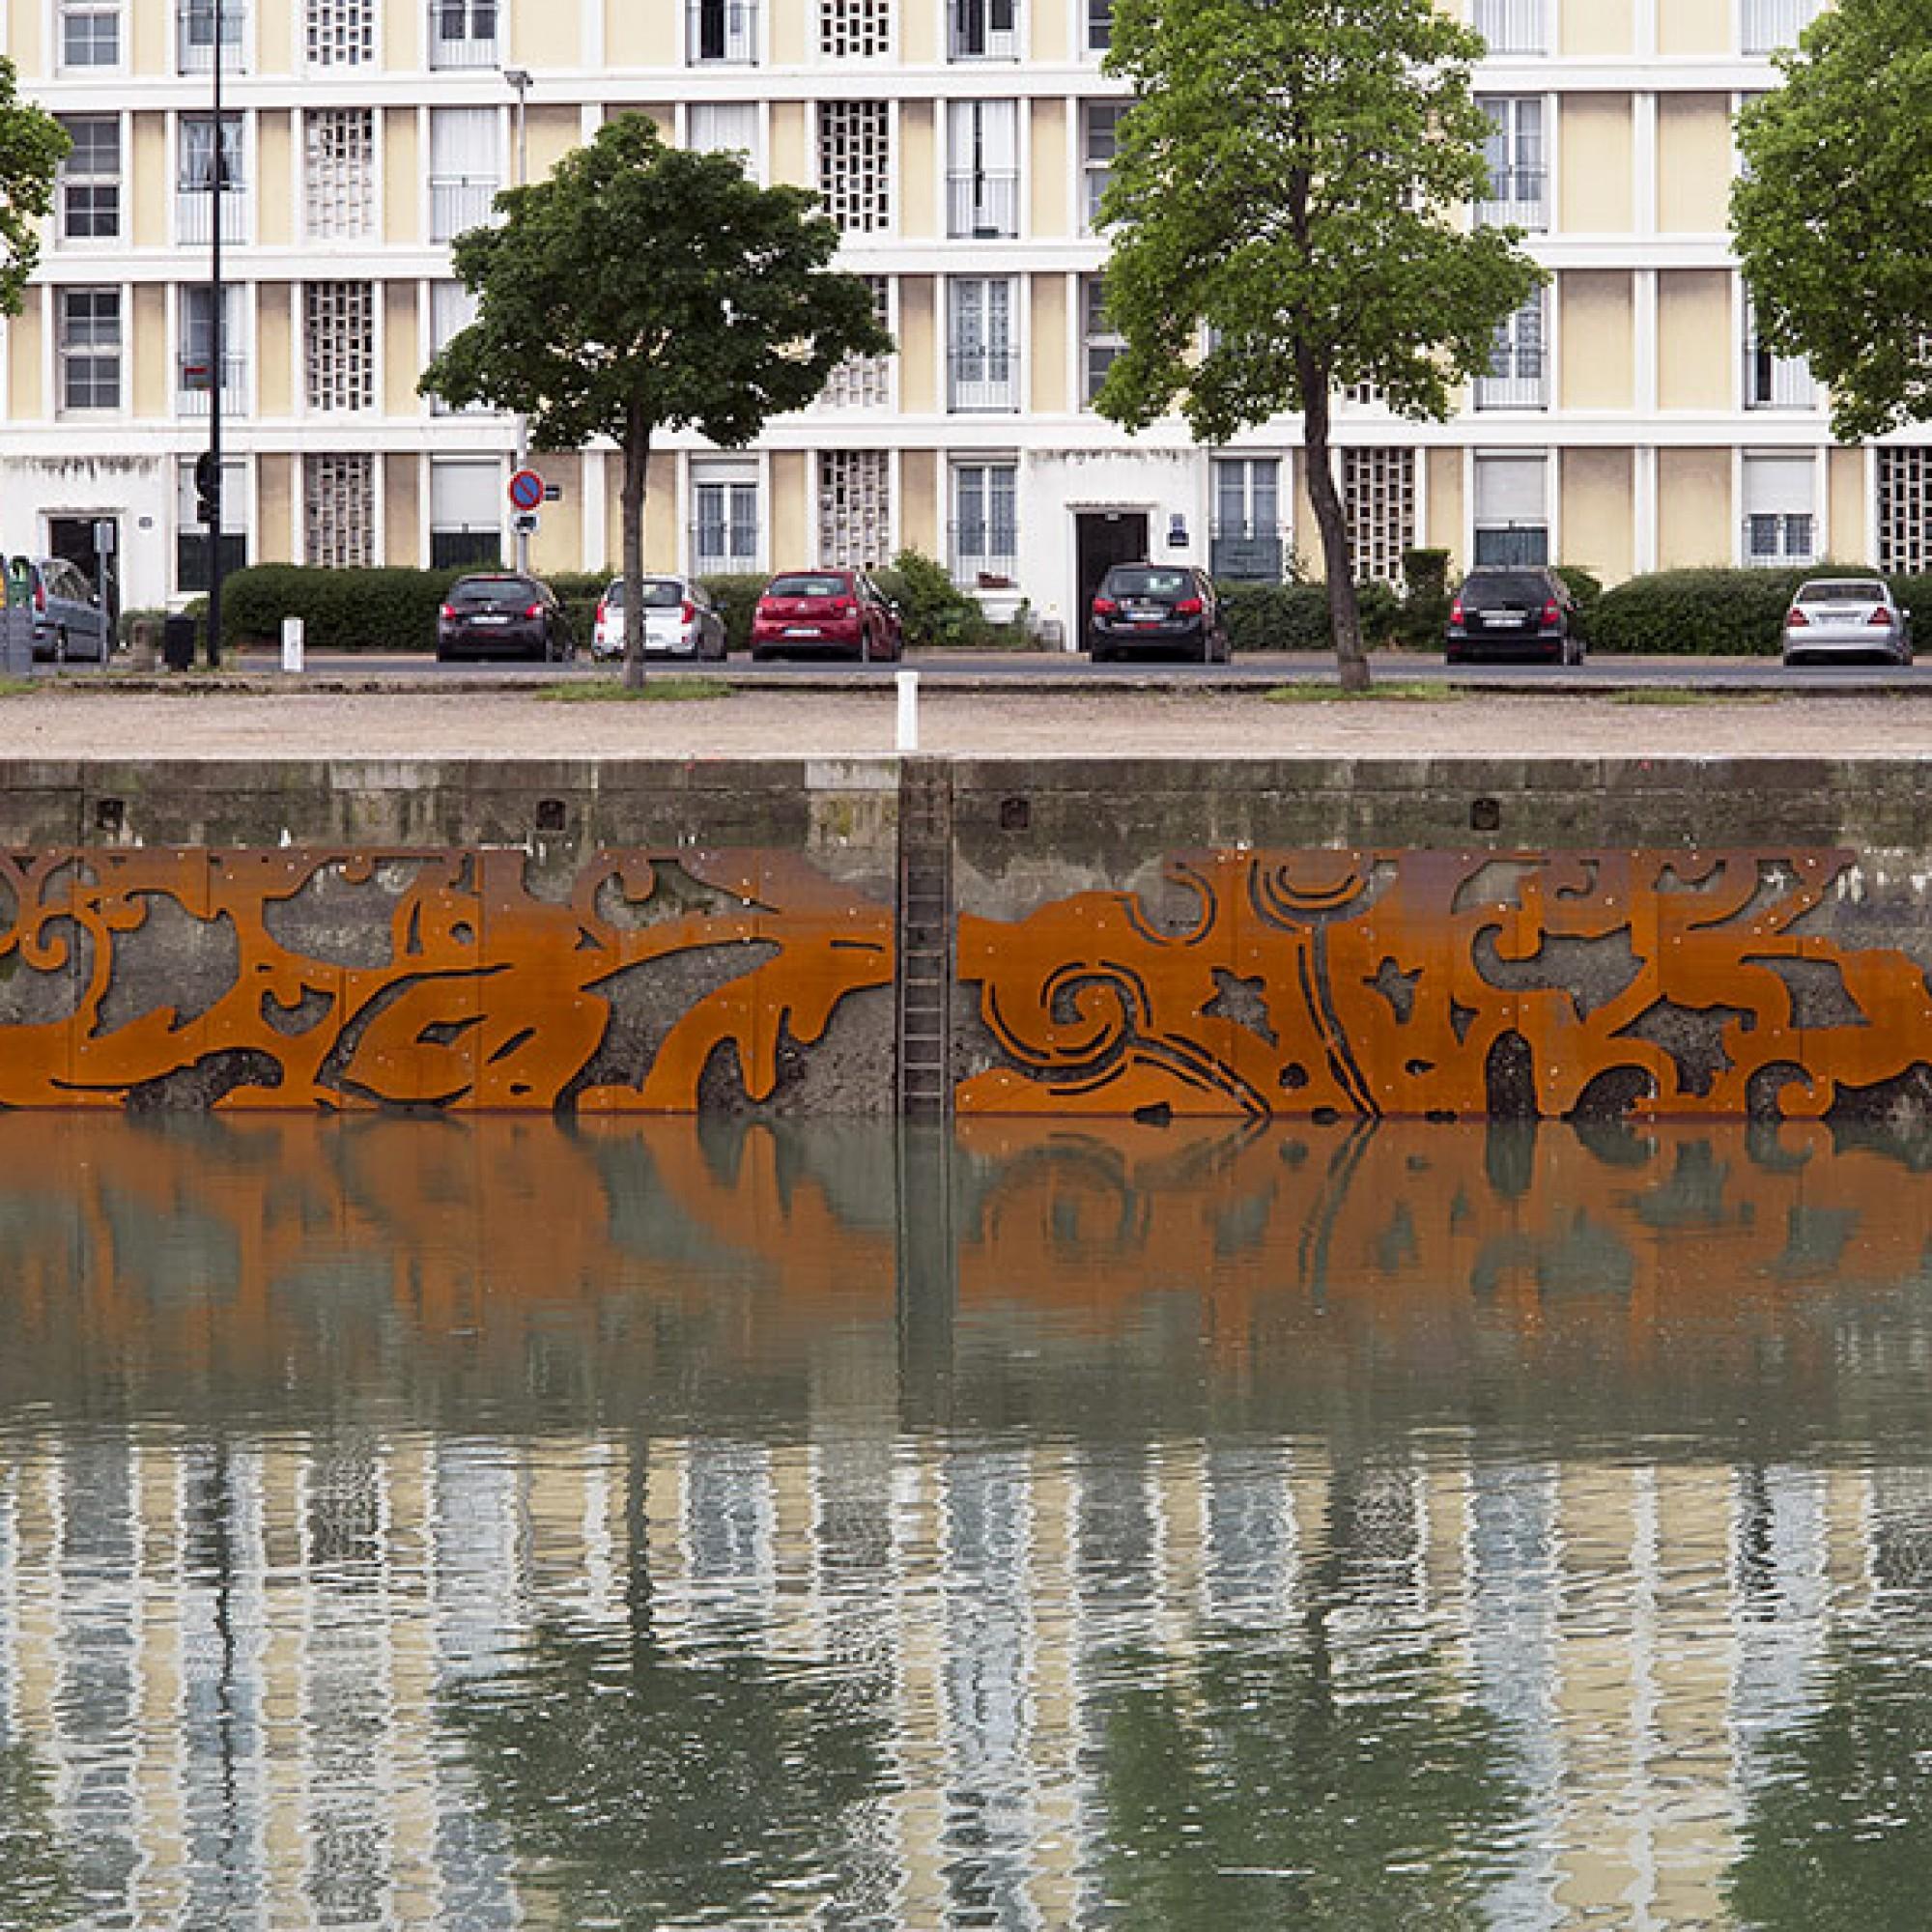 Im Laufe der Zeit sollen sie Algen und Muscheln ansetzen. (Studio Baptiste Debombourg & Galerie Patricia Dorfmann, Paris)